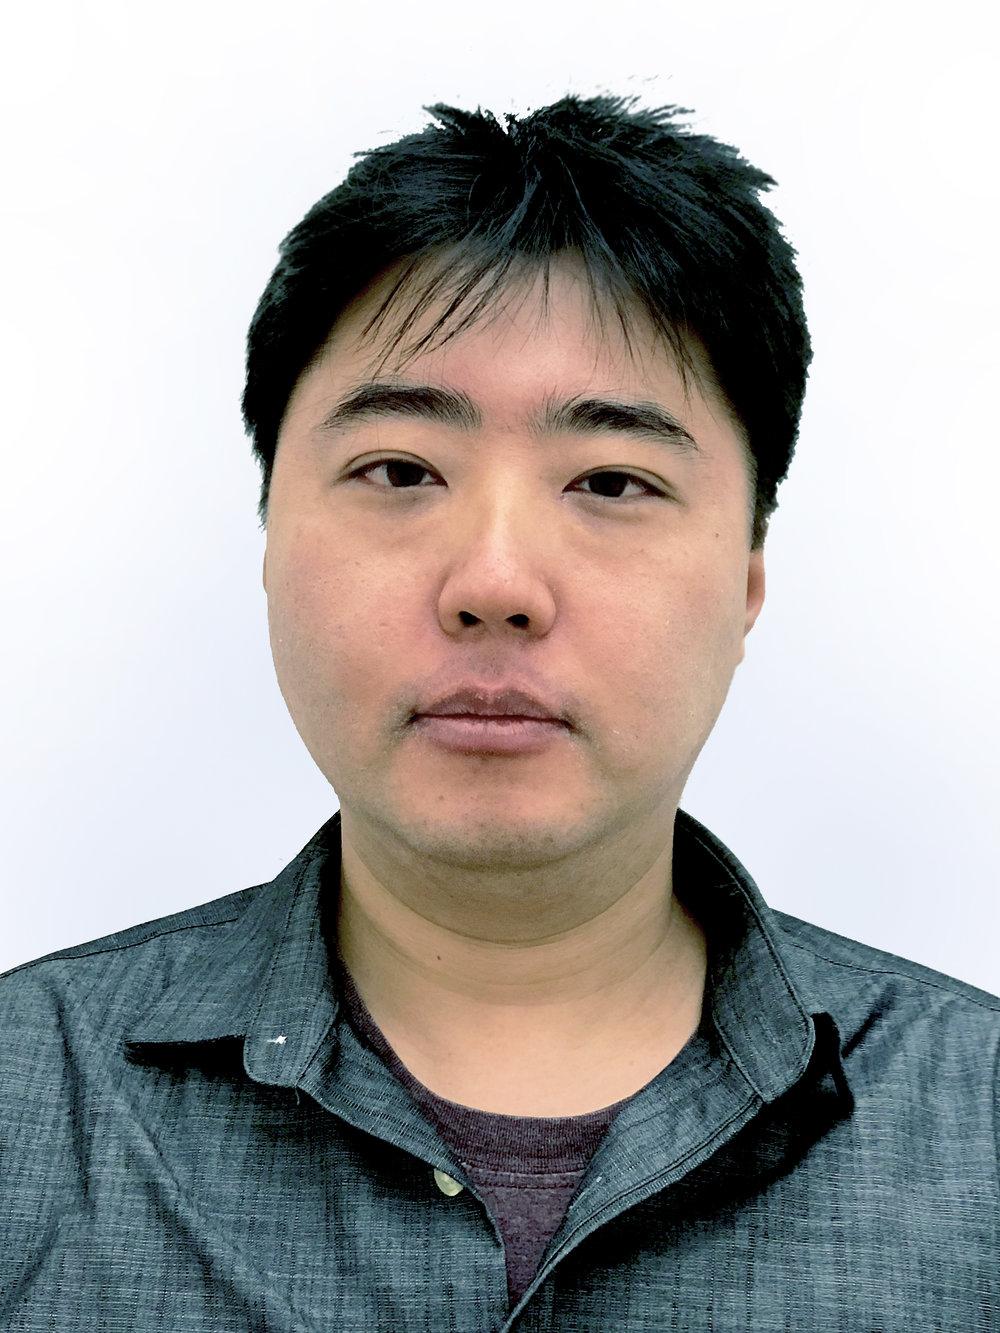 Yuta Kusakari